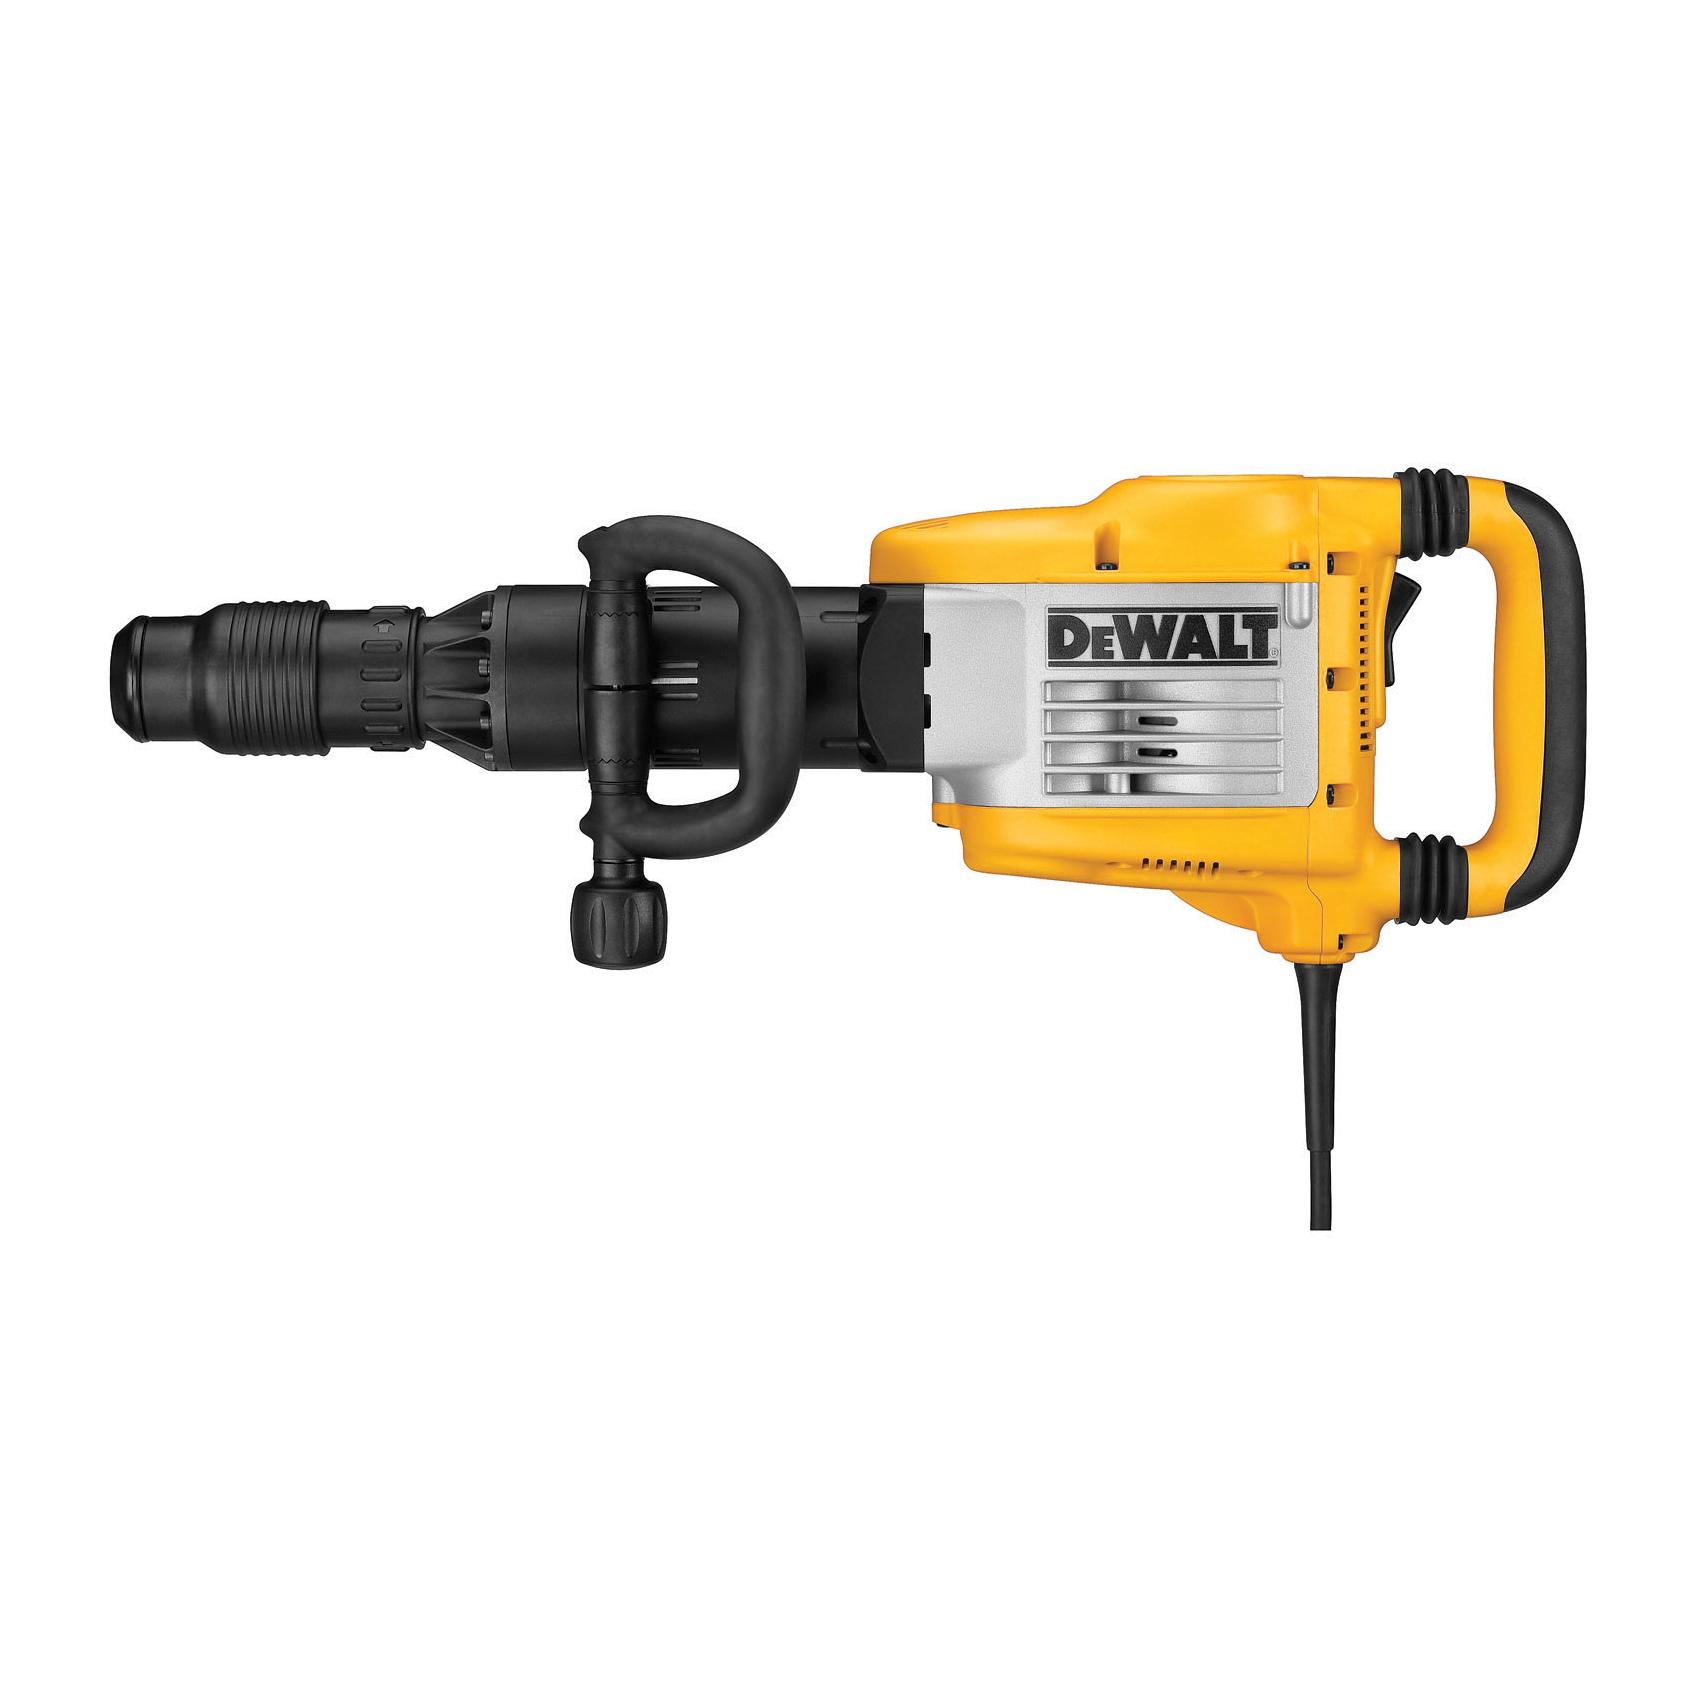 DeWALT® D25941K Demolition Hammer, 1620 bpm, 3/4 in Chuck